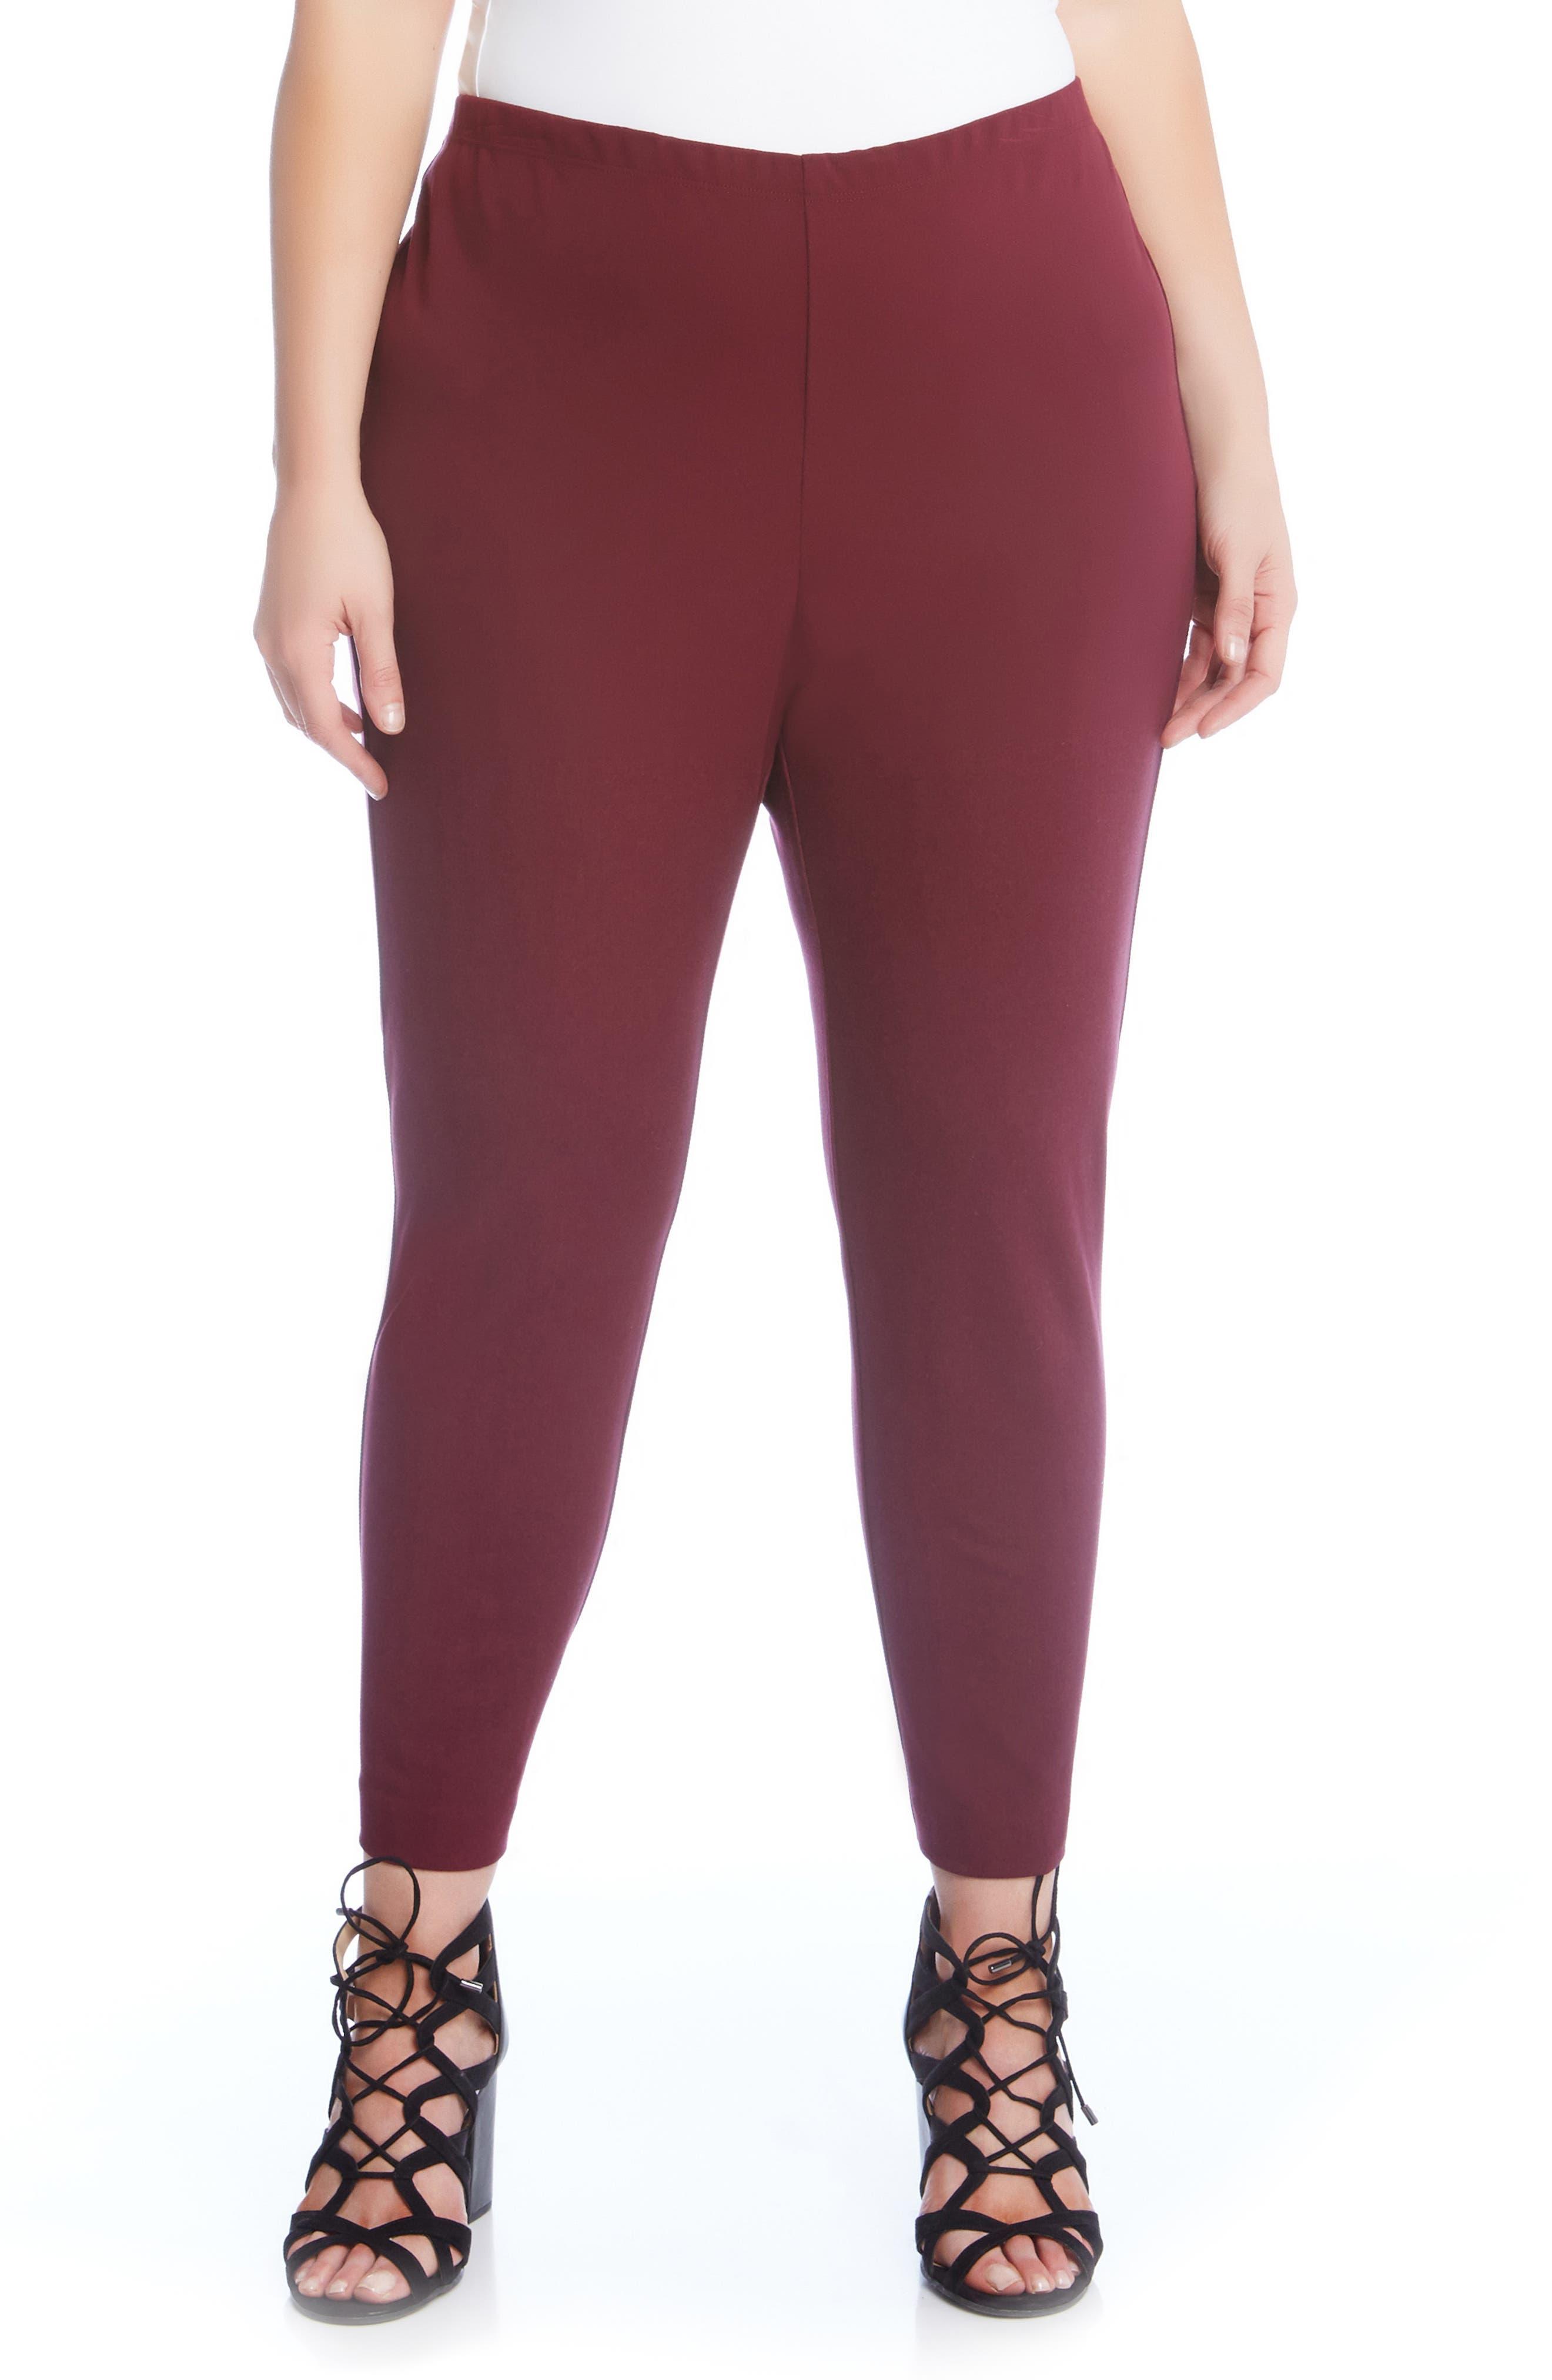 Alternate Image 1 Selected - Karen Kane Piper High-Waist Pants (Plus Size)